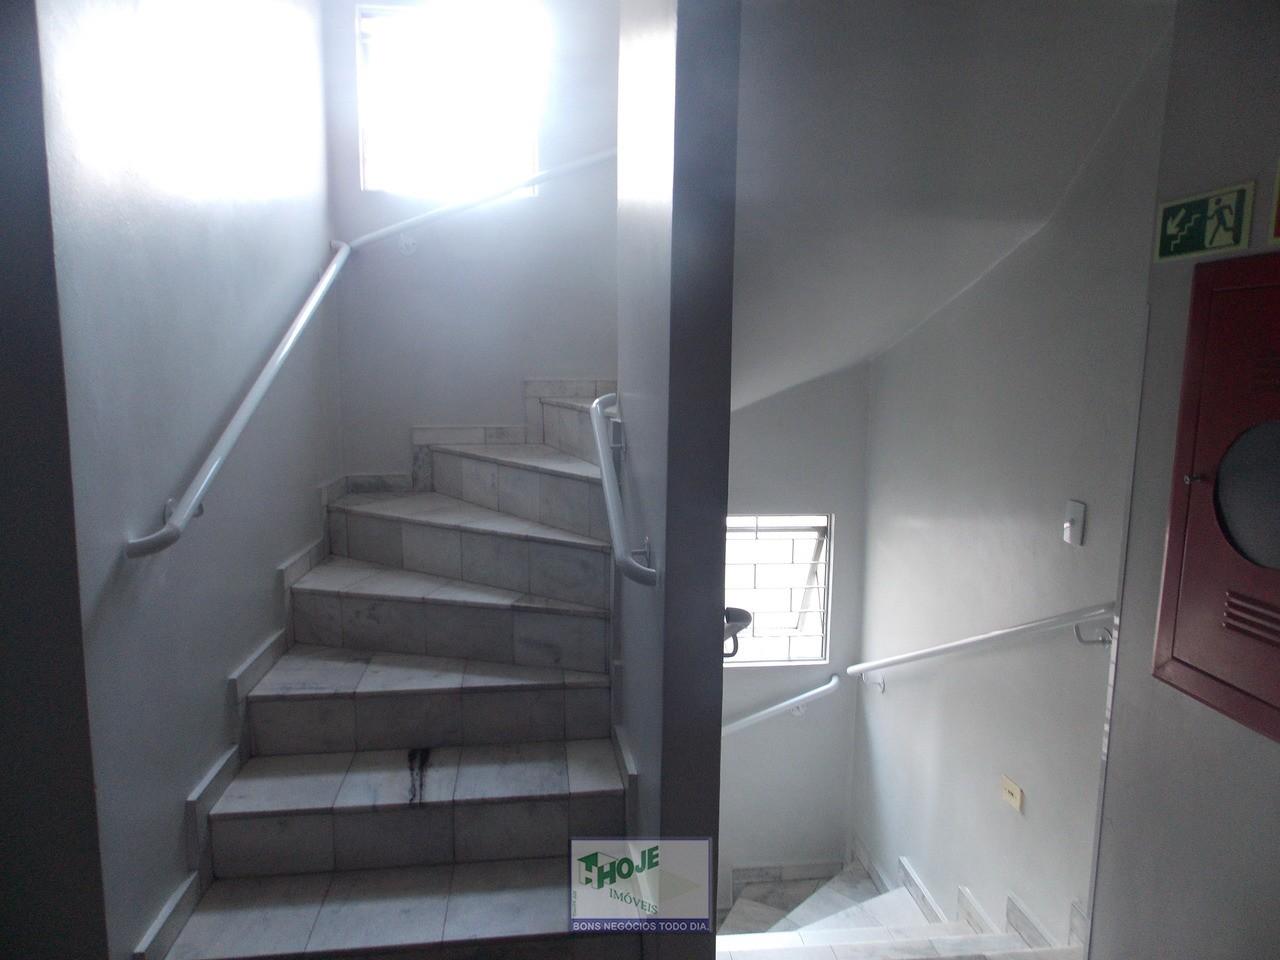 18 - escada